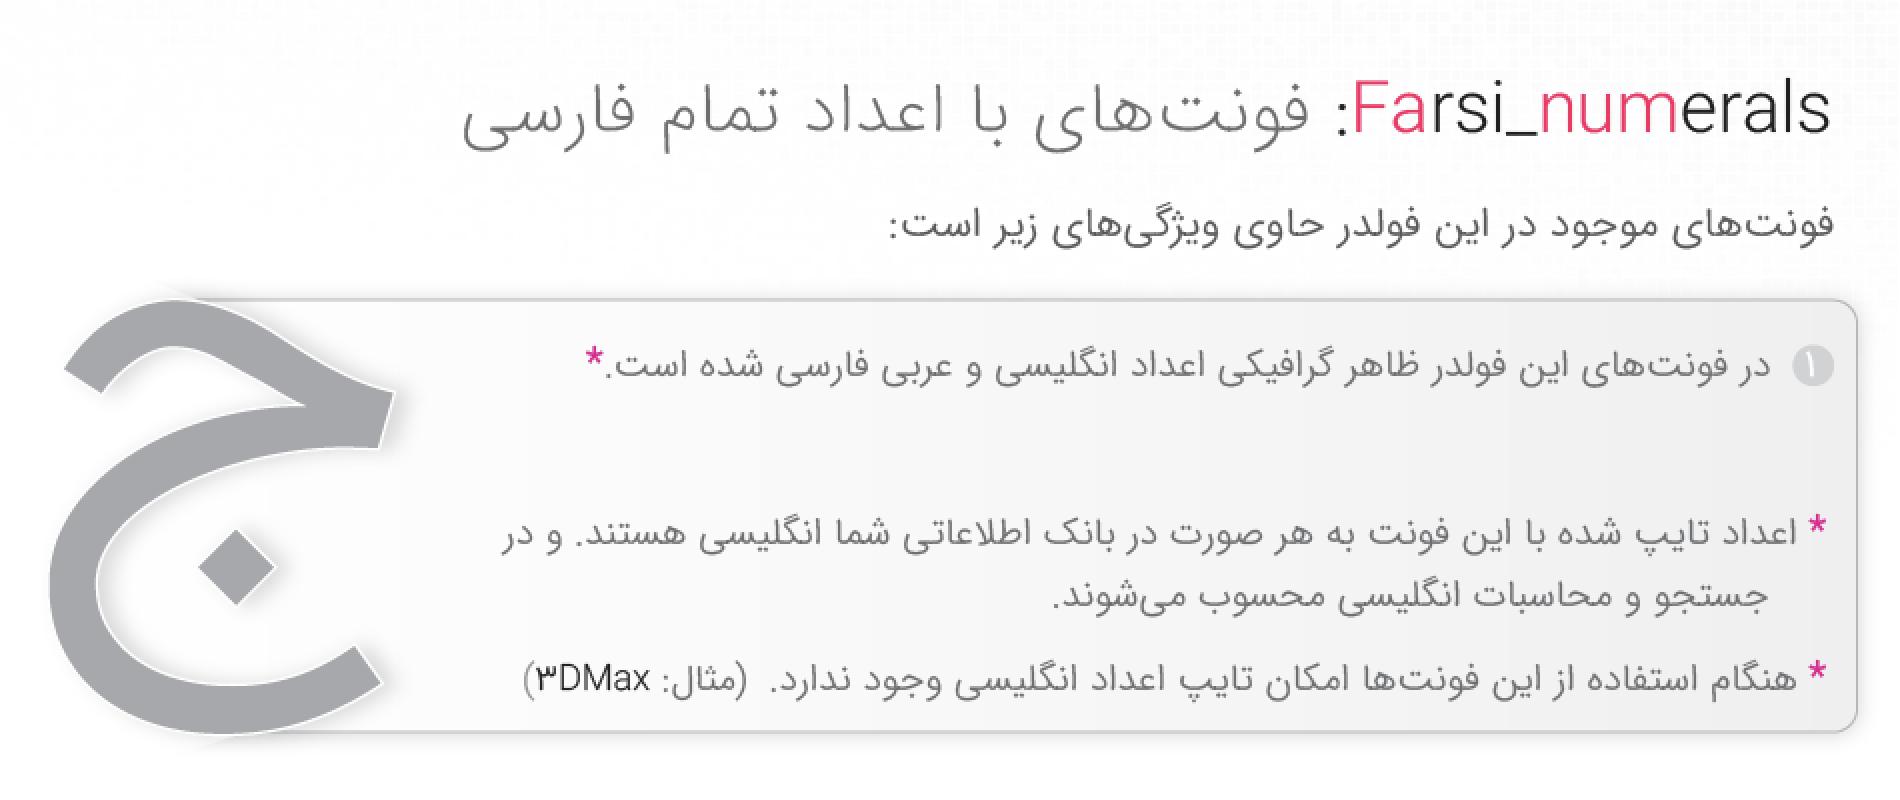 فونت ایران سنس با اعداد فارسی